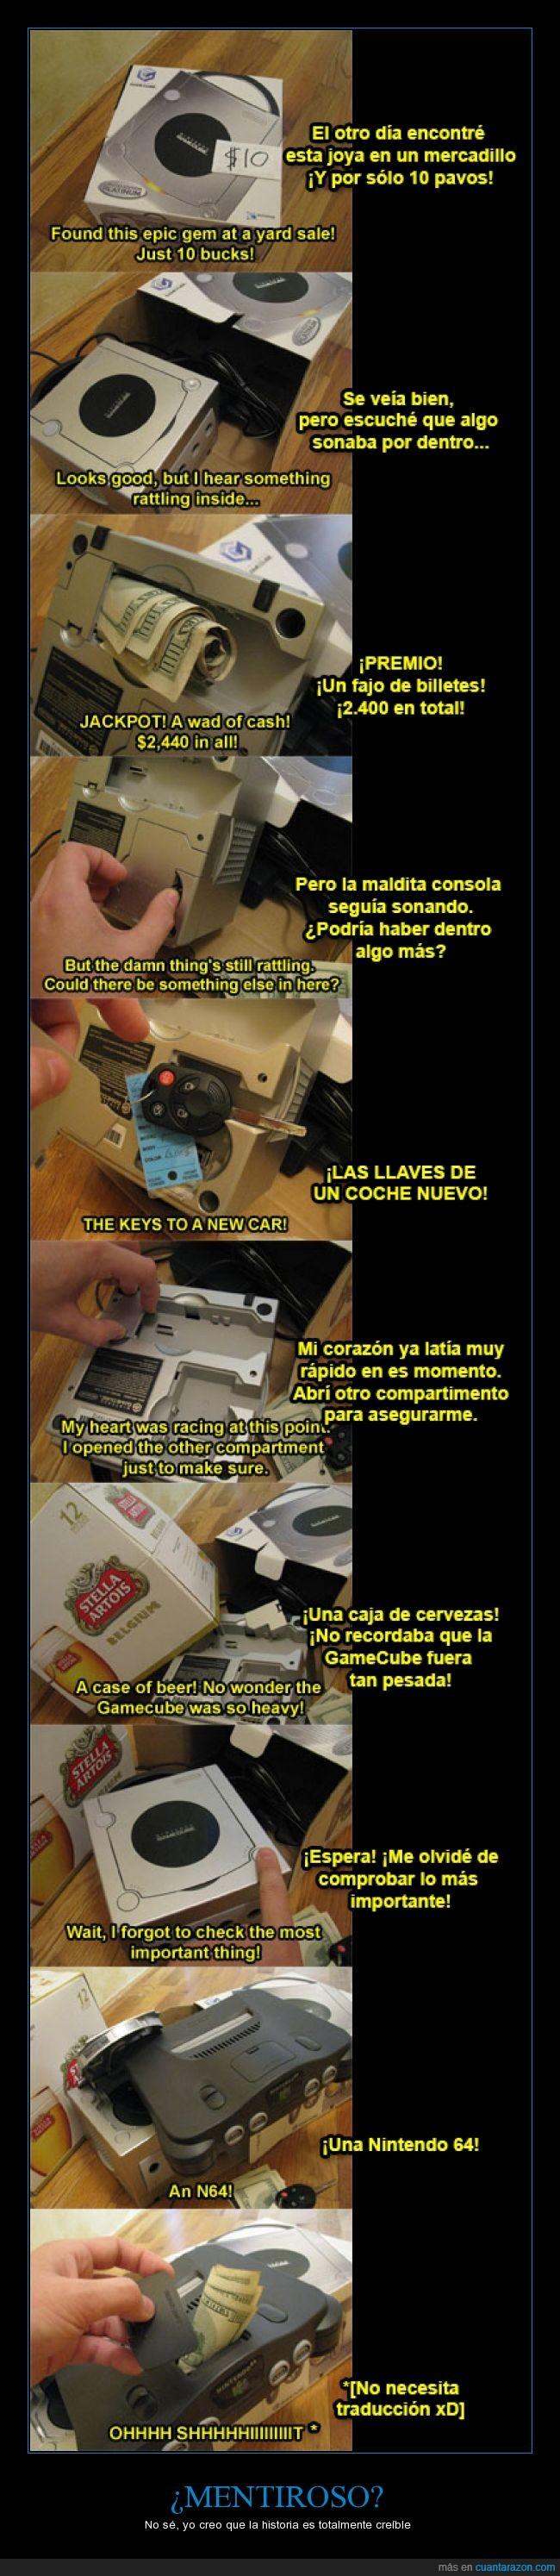 Cerveza,GameCube,Mucha fantasía xD,N64,Siento si me he equivocado en algún fragmento de la traducción :/